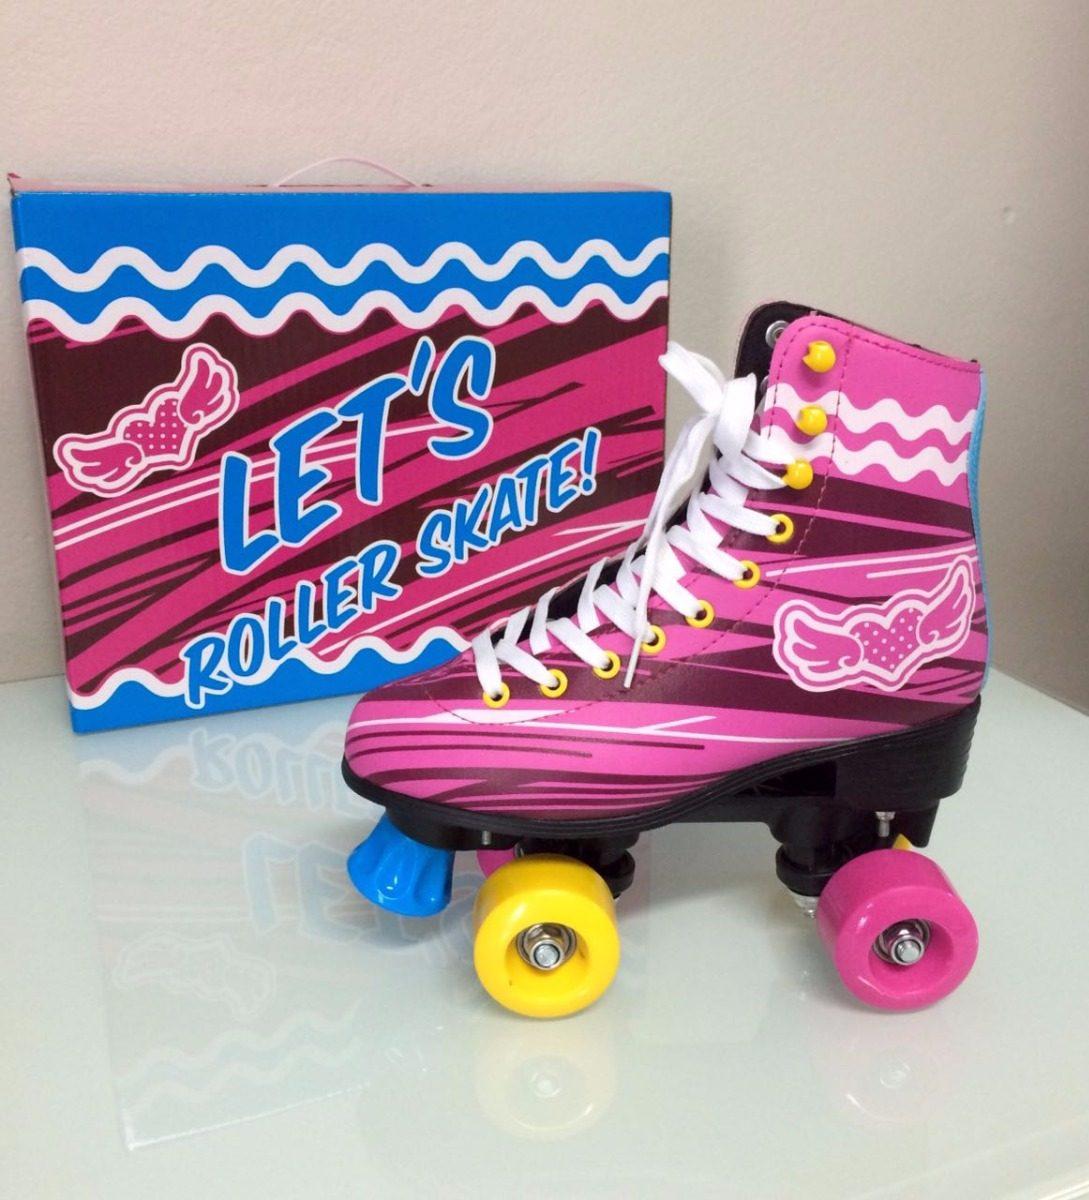 Mercado Livre Tenis >> Patins Tradicional Let's Skate Sou Luna + Kit Proteção - R$ 430,00 em Mercado Livre